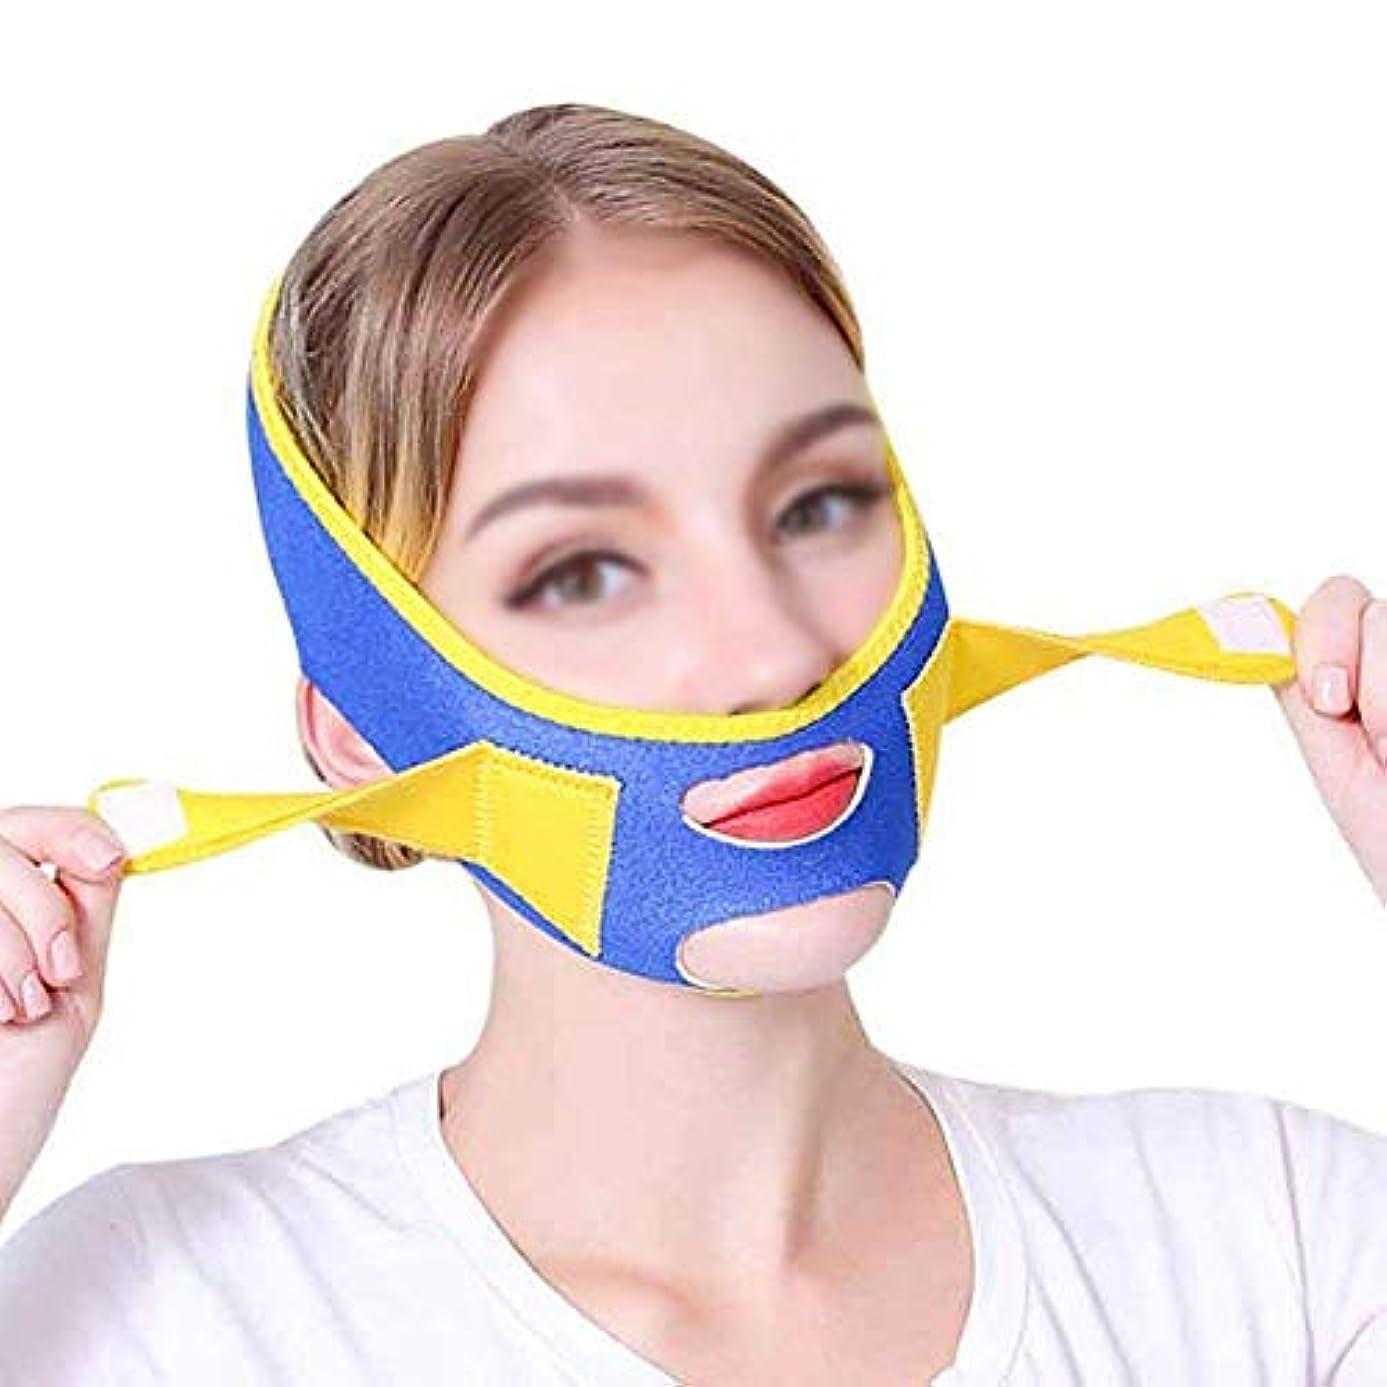 理解するメルボルンそれぞれフェイスリフトマスク、あごひも回復包帯薄いフェイスマスクVフェイスステッカーフェイスリフトステッカー韓国本物のリフティング引き締め引き締め成形薄いダブルチンフェイスリフト睡眠包帯アーティファクト